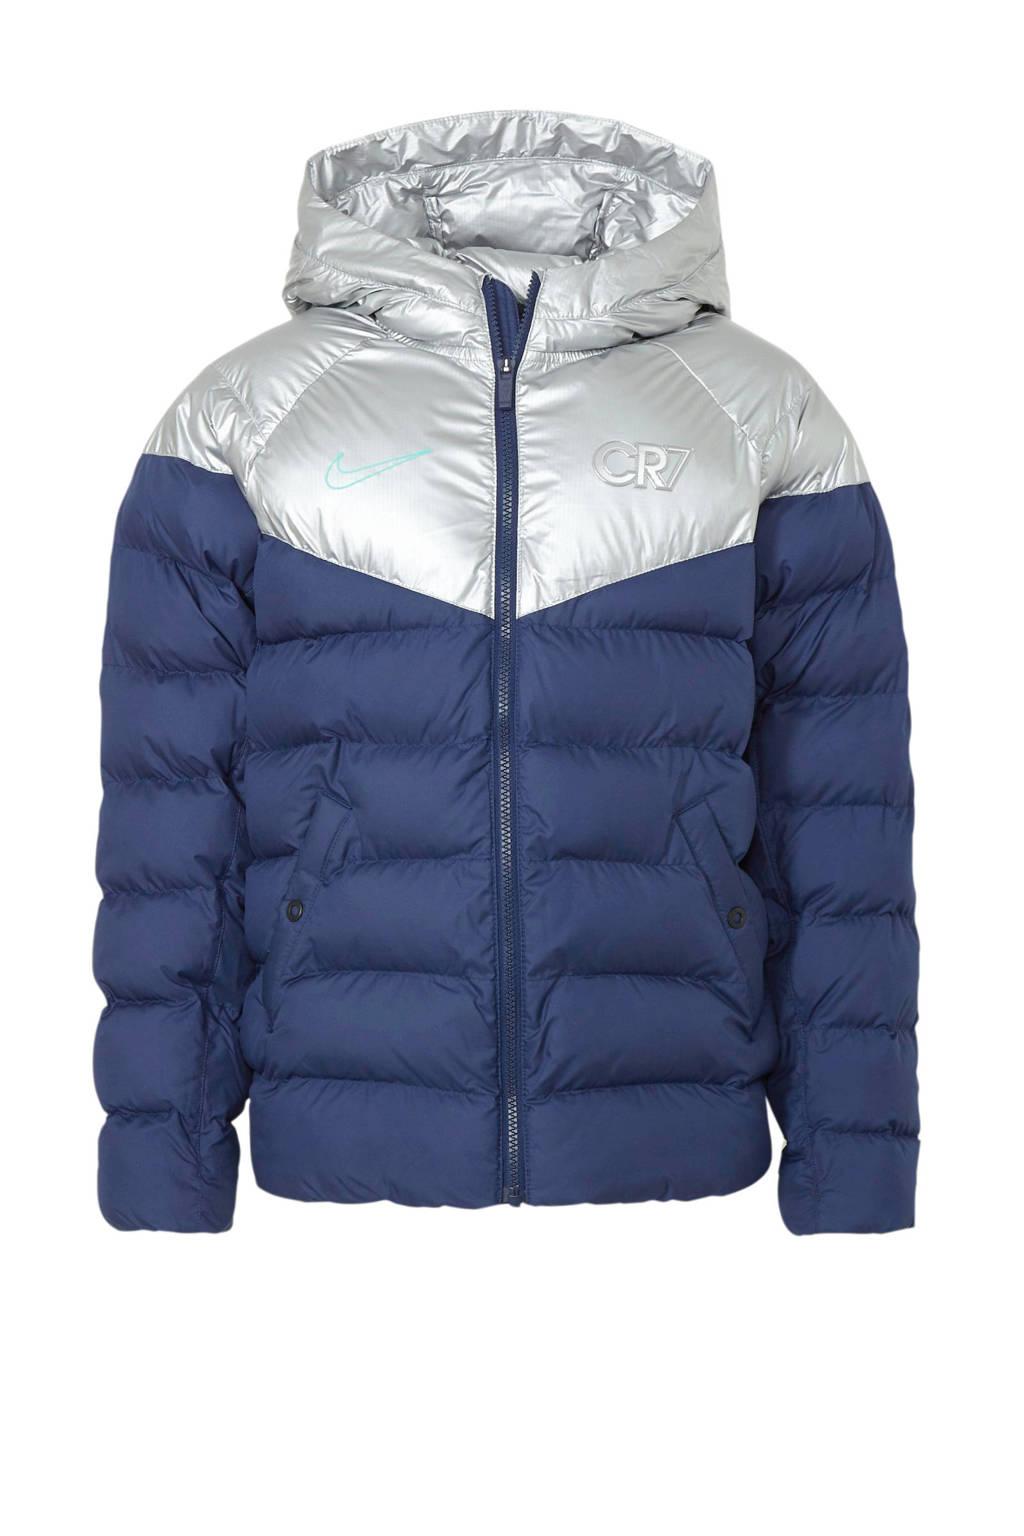 Nike gewatteerd jack blauw/zilver, Blauw/zilver